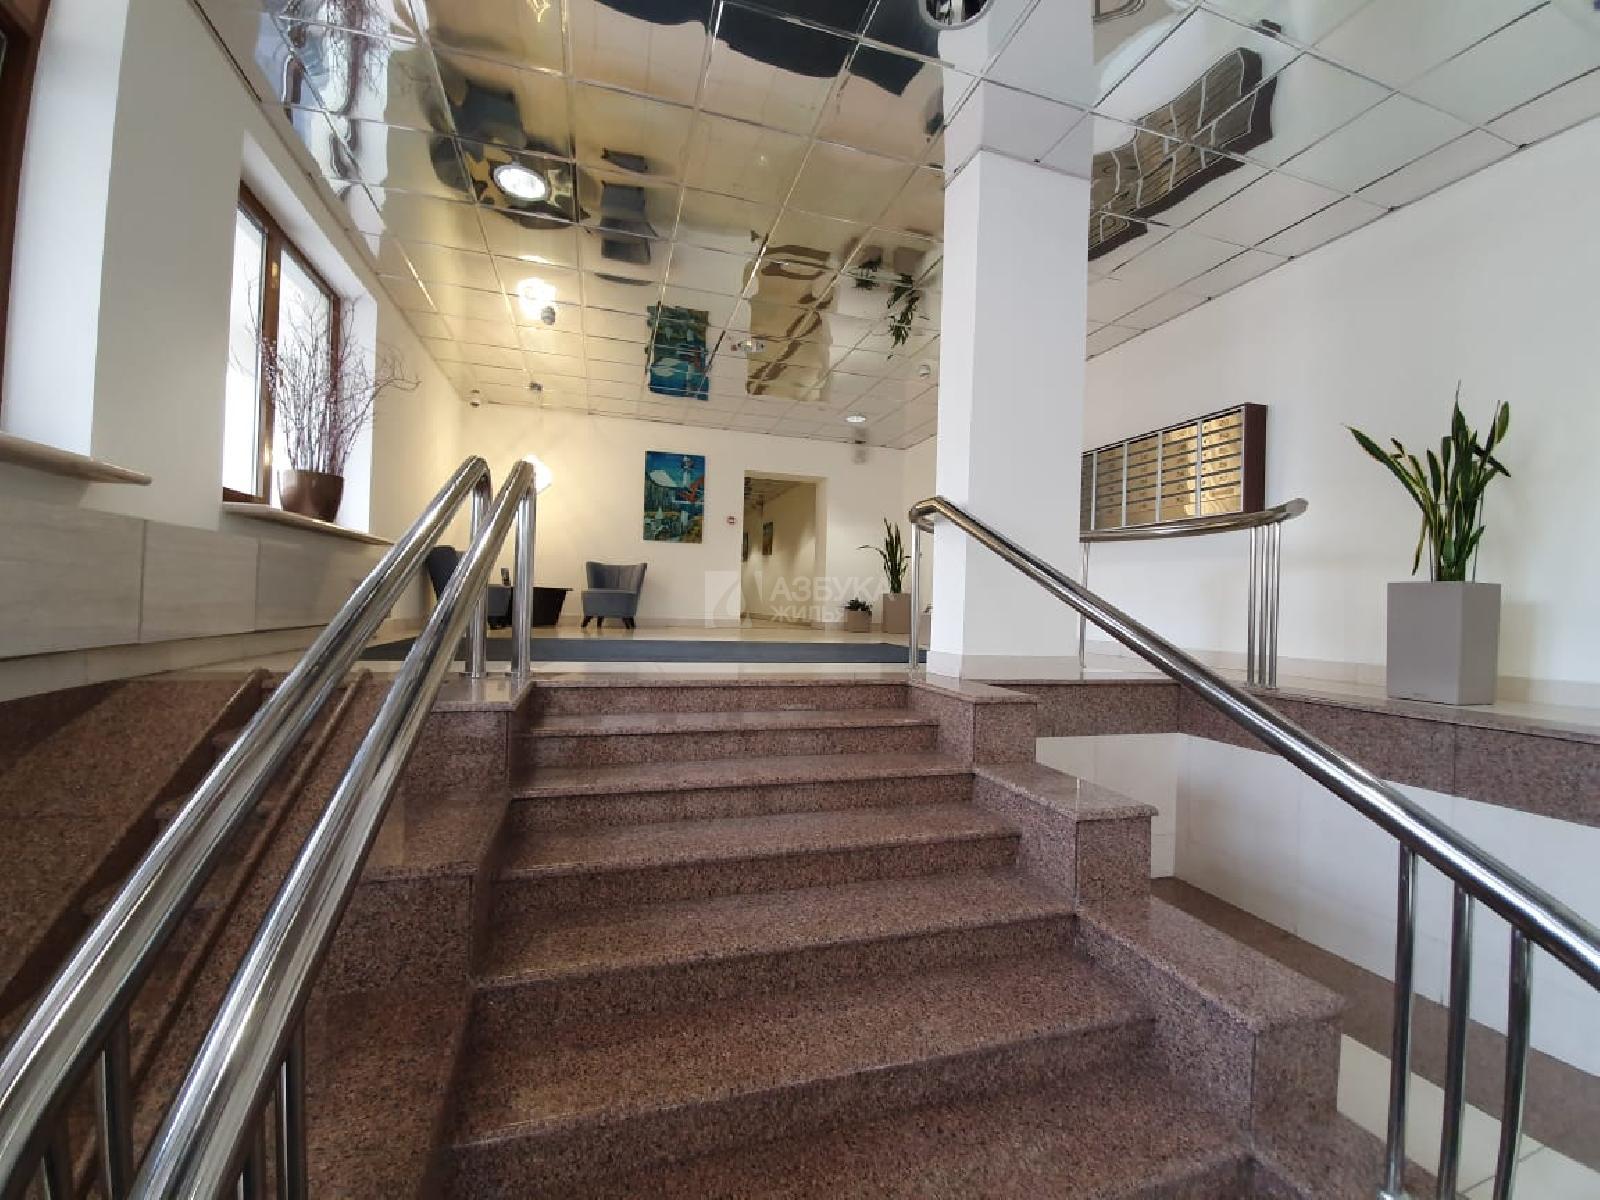 Фото №4 - 6-комнатная квартира, Москва, Архитектора Власова улица 6, метро Профсоюзная